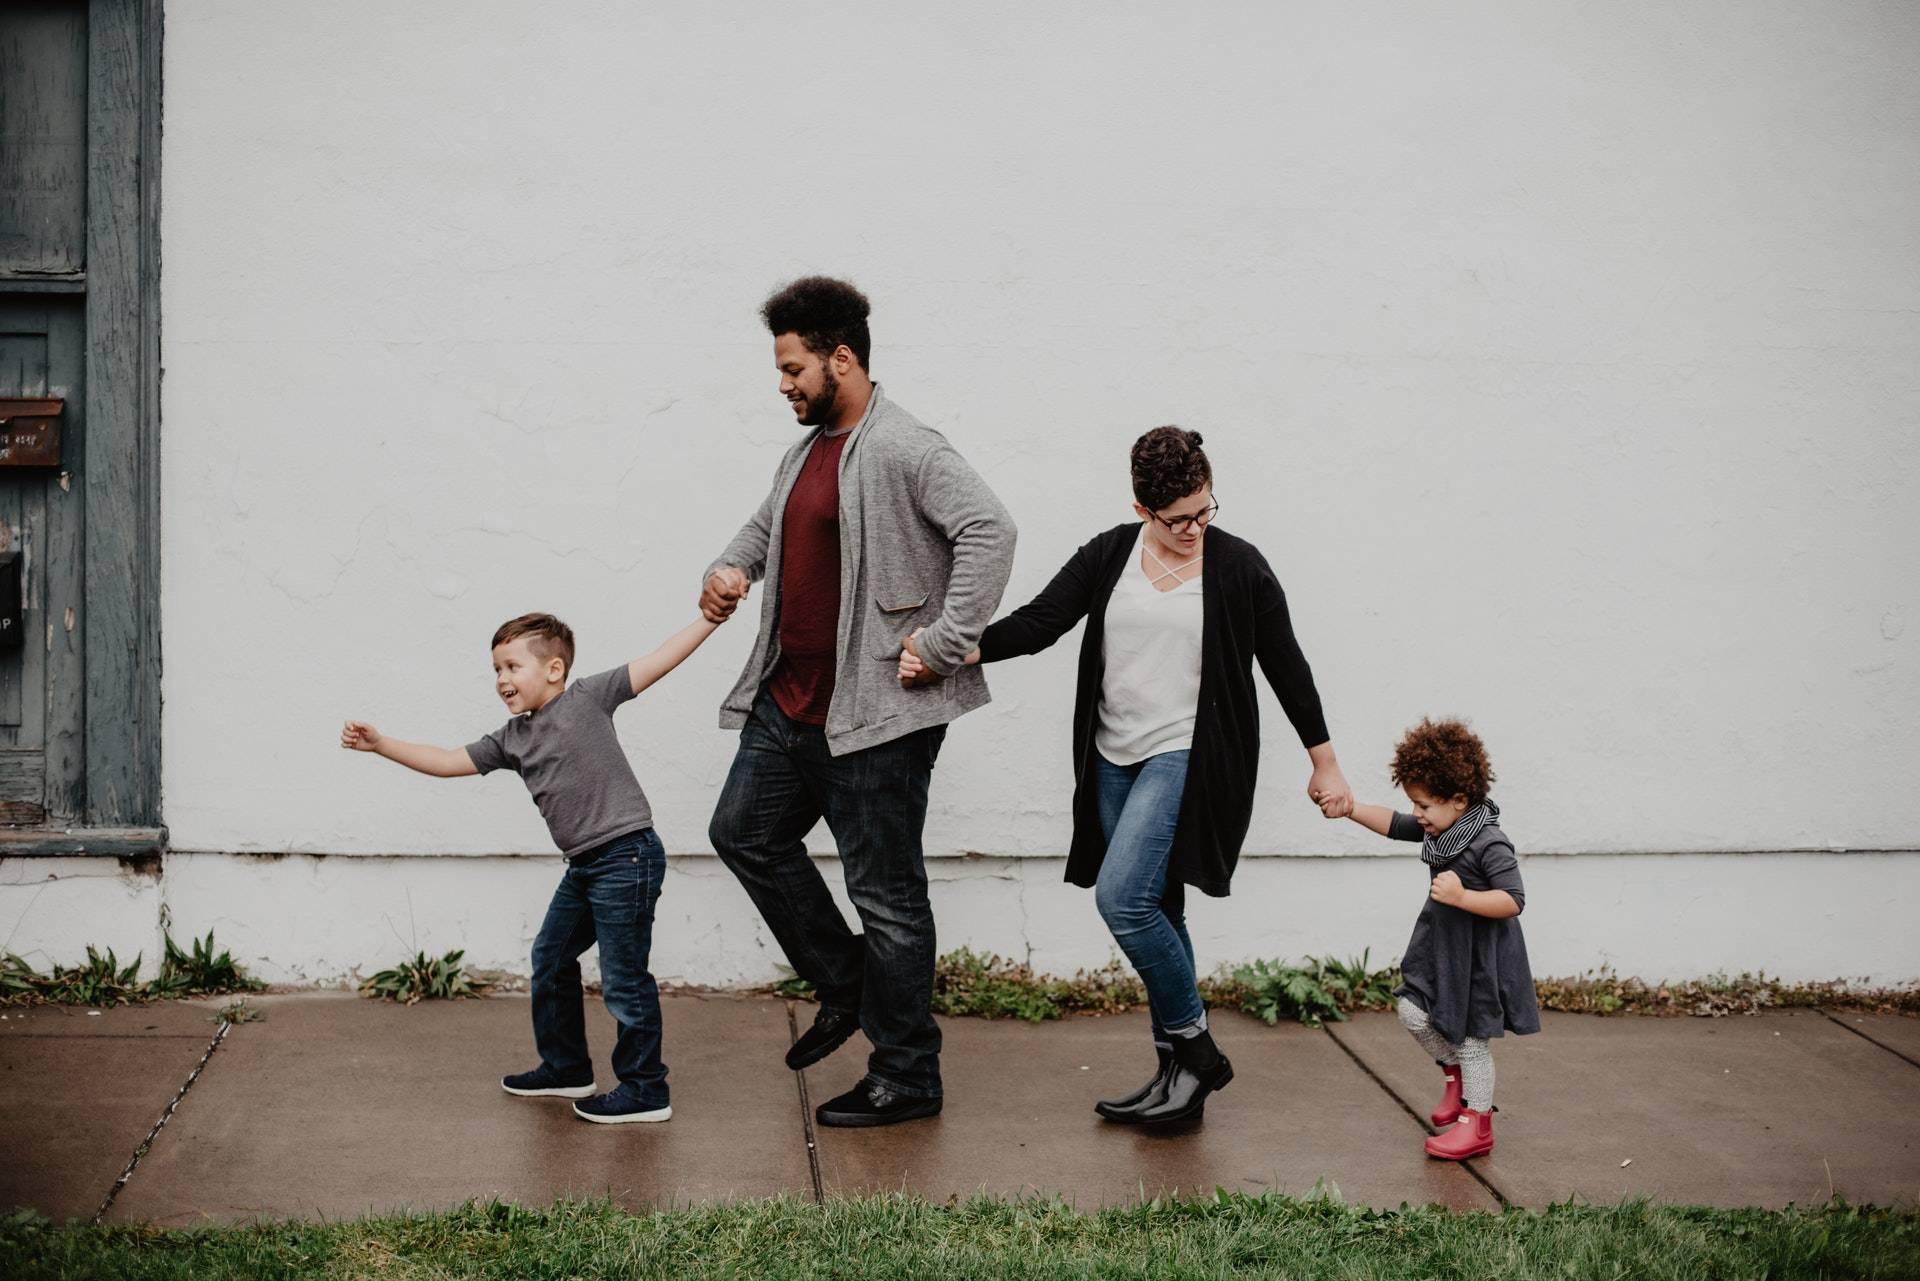 拉近亲子关系方法有很多,要如何利用幽默的方式拉近亲子关系呢? 为什么家庭关系如此复